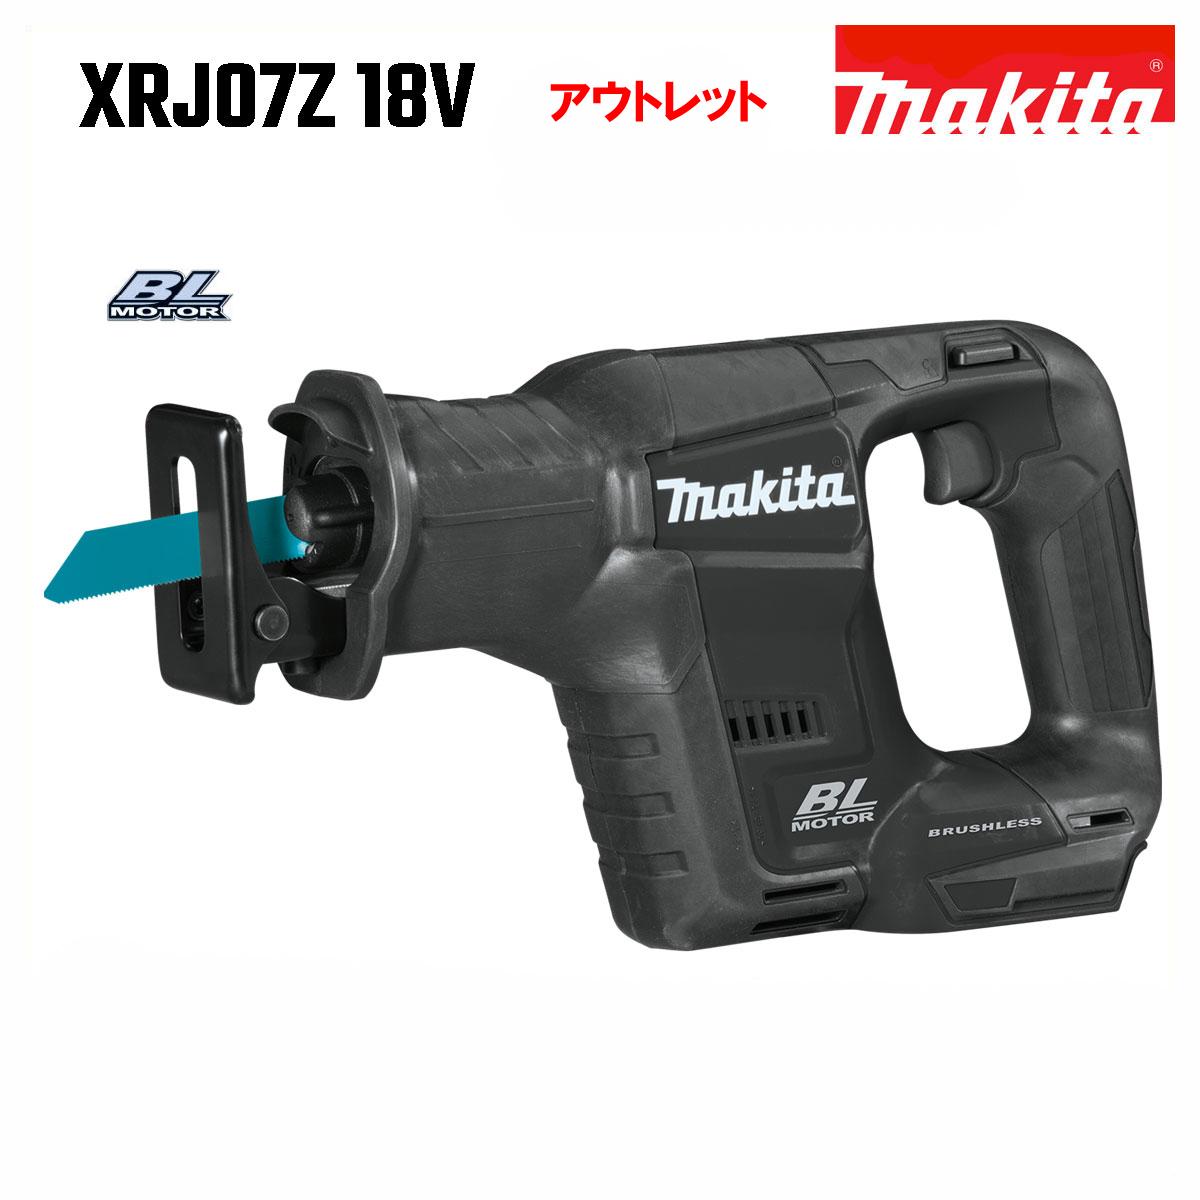 マキタ レシプロソー JR188DRG同等品 18V 充電式 XRJ07ZB 黒 MAKITA 本体のみ ※アウトレット価格